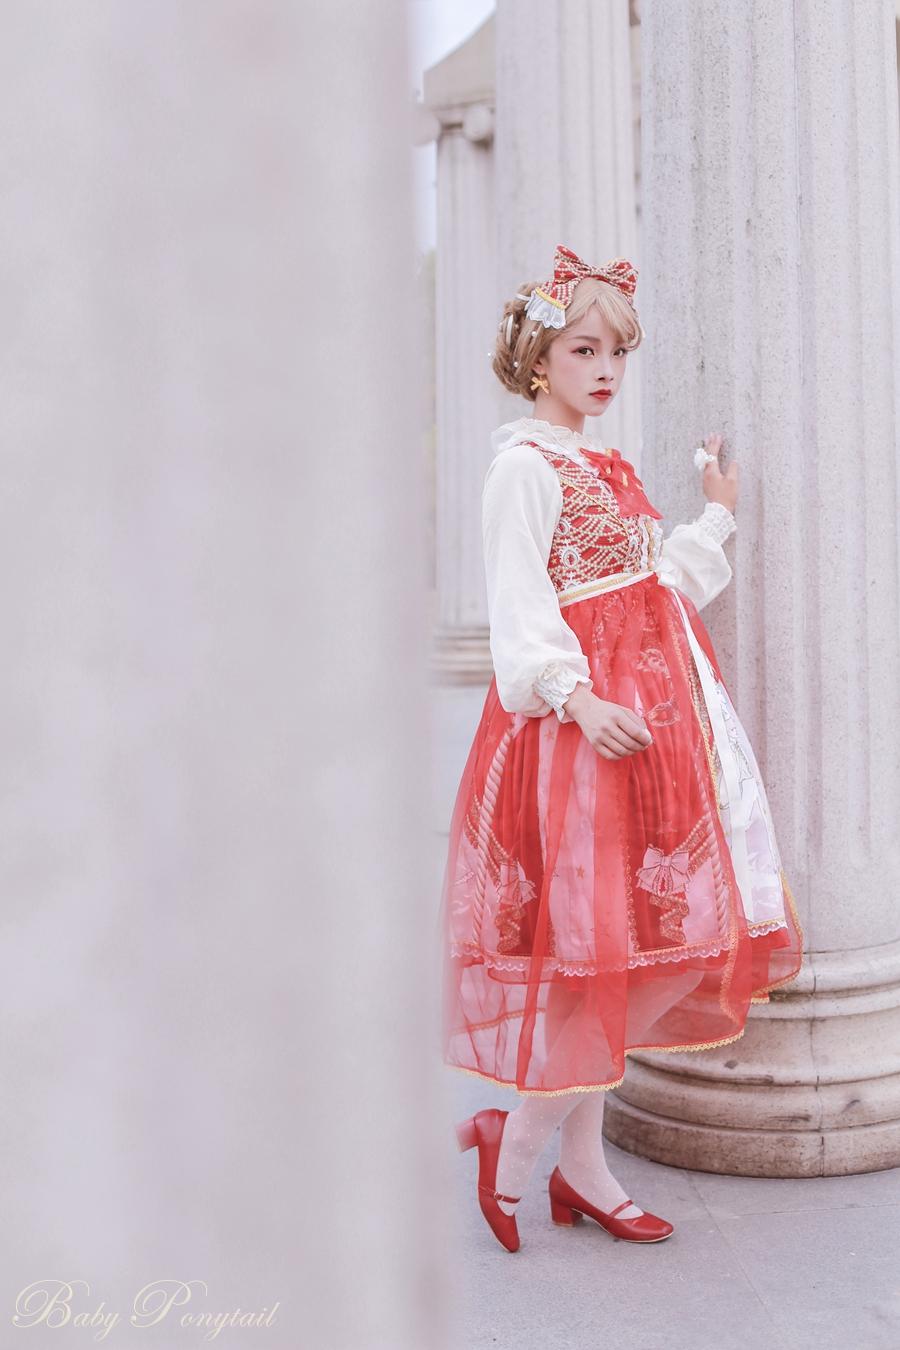 Baby Ponytail Masquerade Ballet Red JSK_谢安然_02.jpg